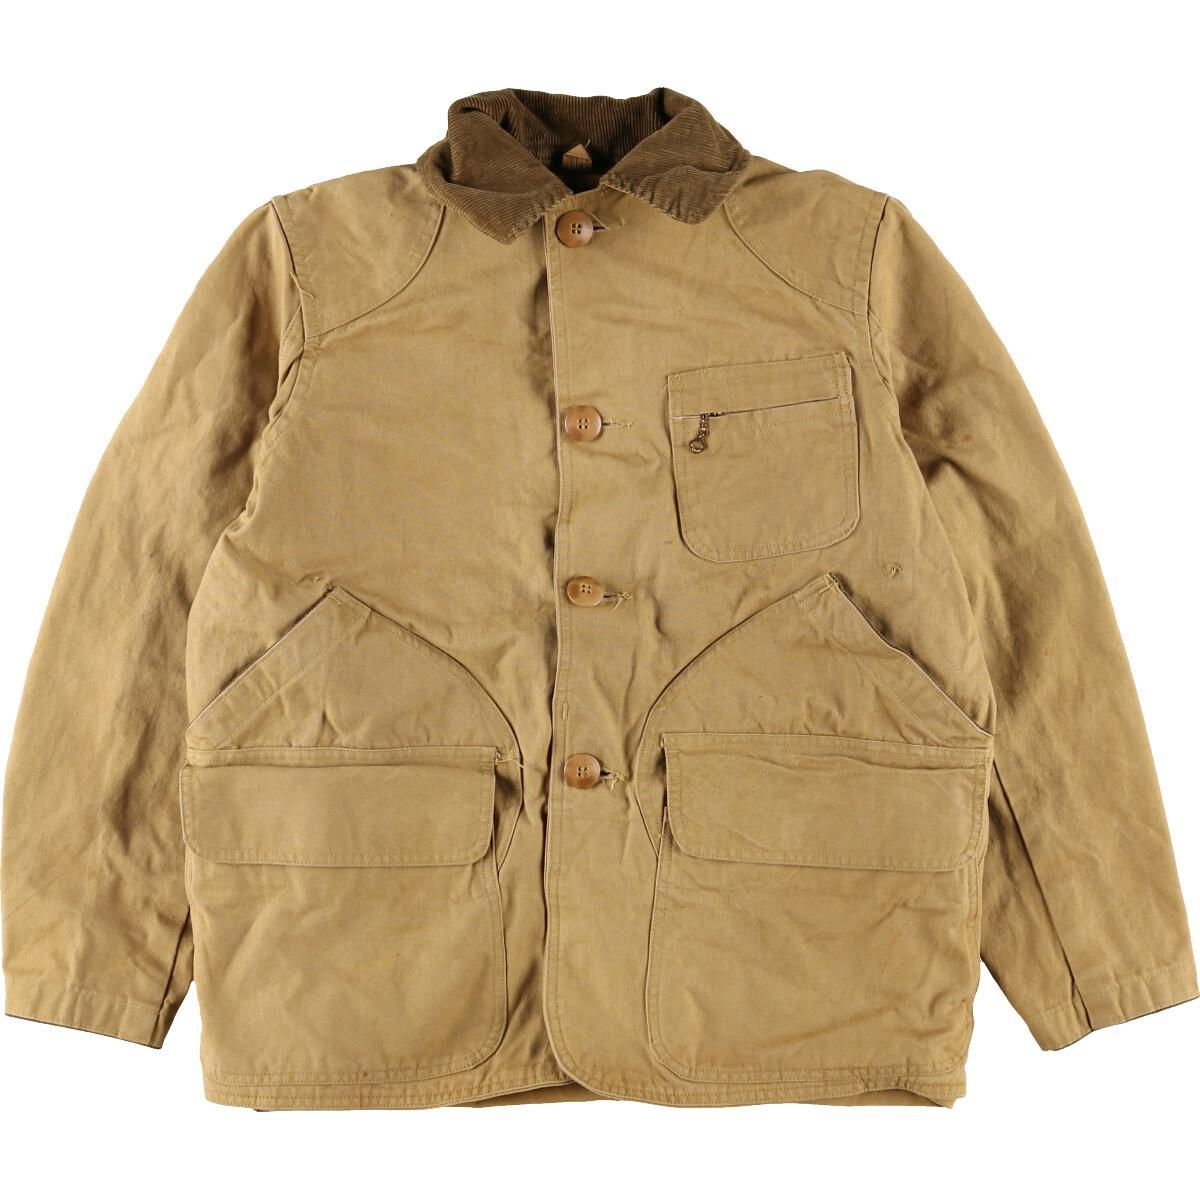 超歓迎された 推奨 50~60年代 American Field ダック地 ハンティングジャケット メンズM 2b10f eaa132635 ヴィンテージ 中古 210301